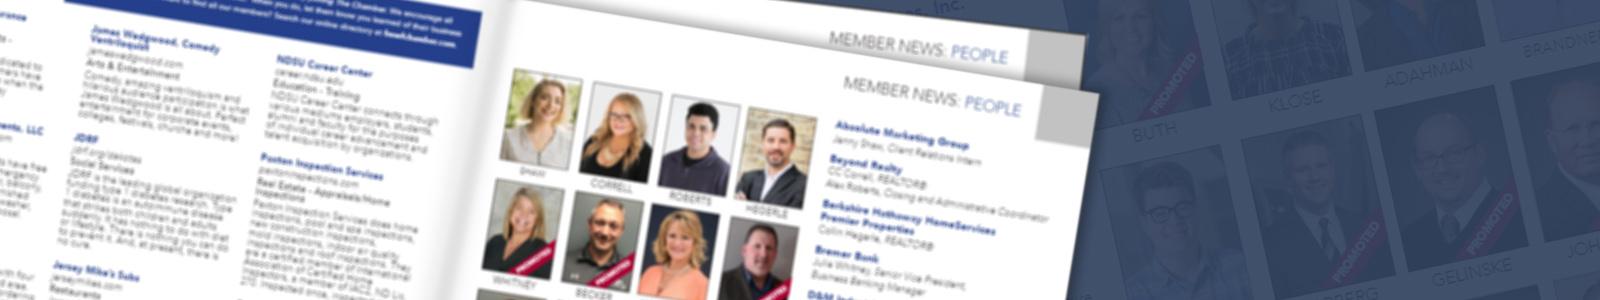 Member-News.jpg